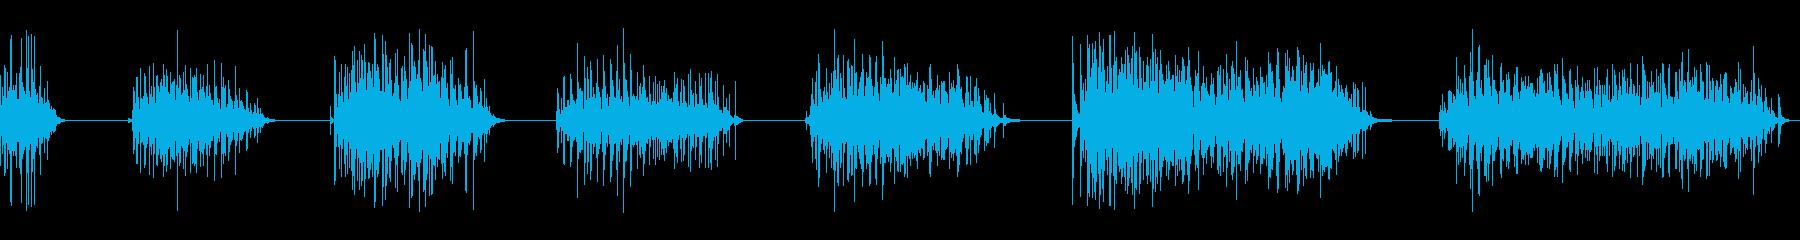 拍手、32人、3バージョン; DI...の再生済みの波形